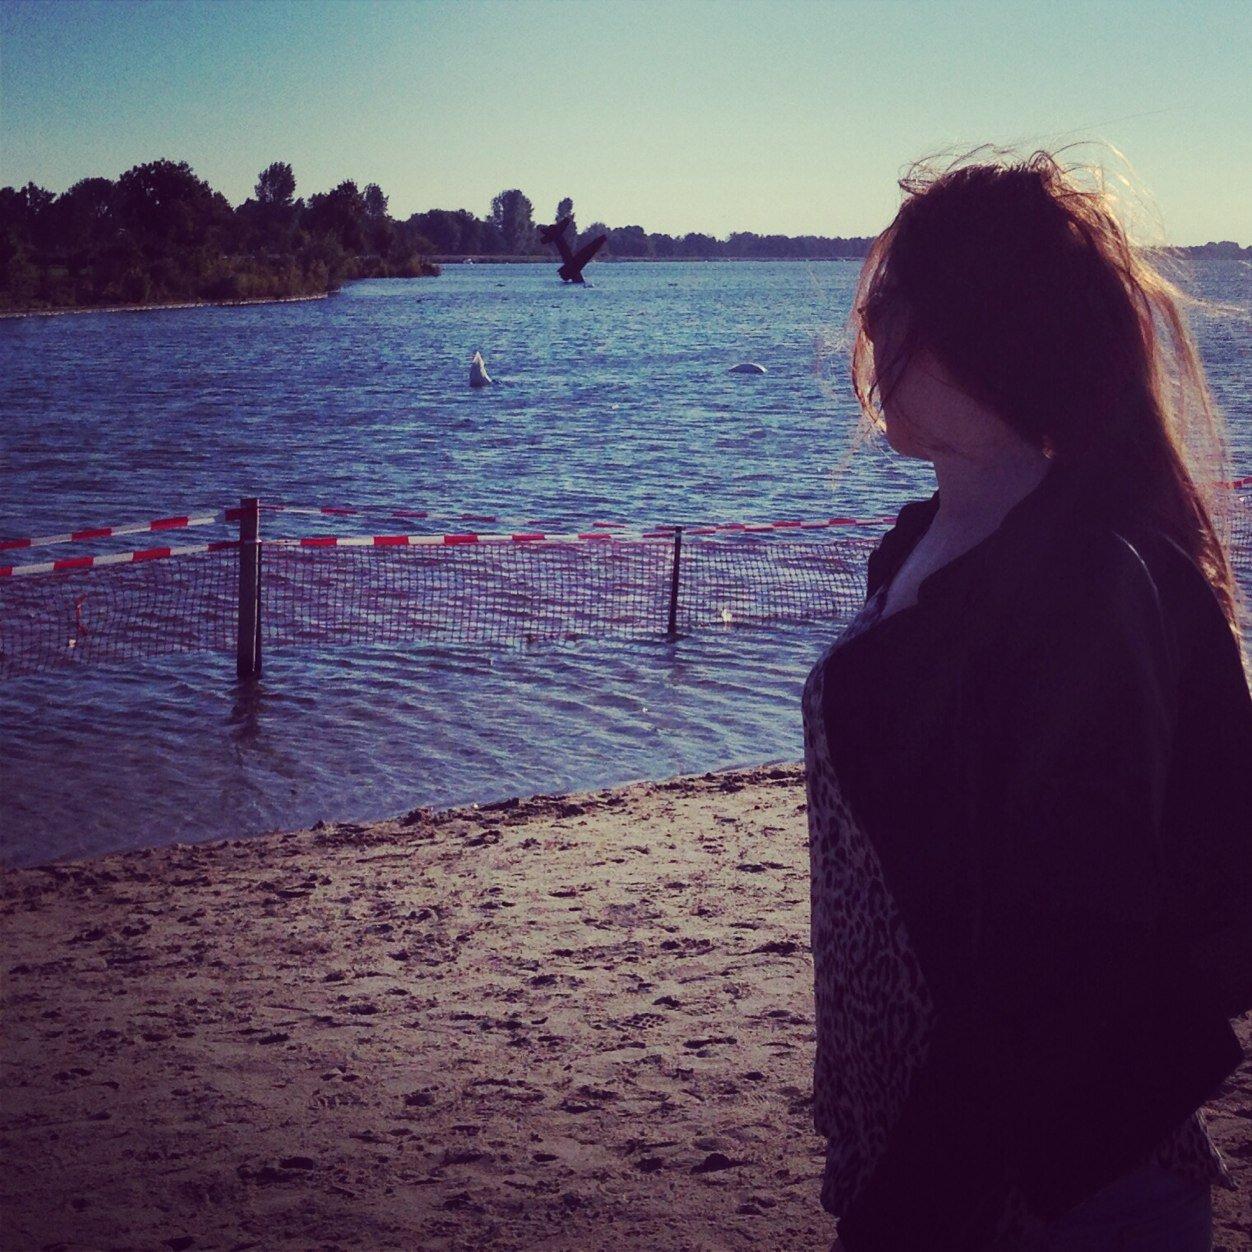 Danieelle_p